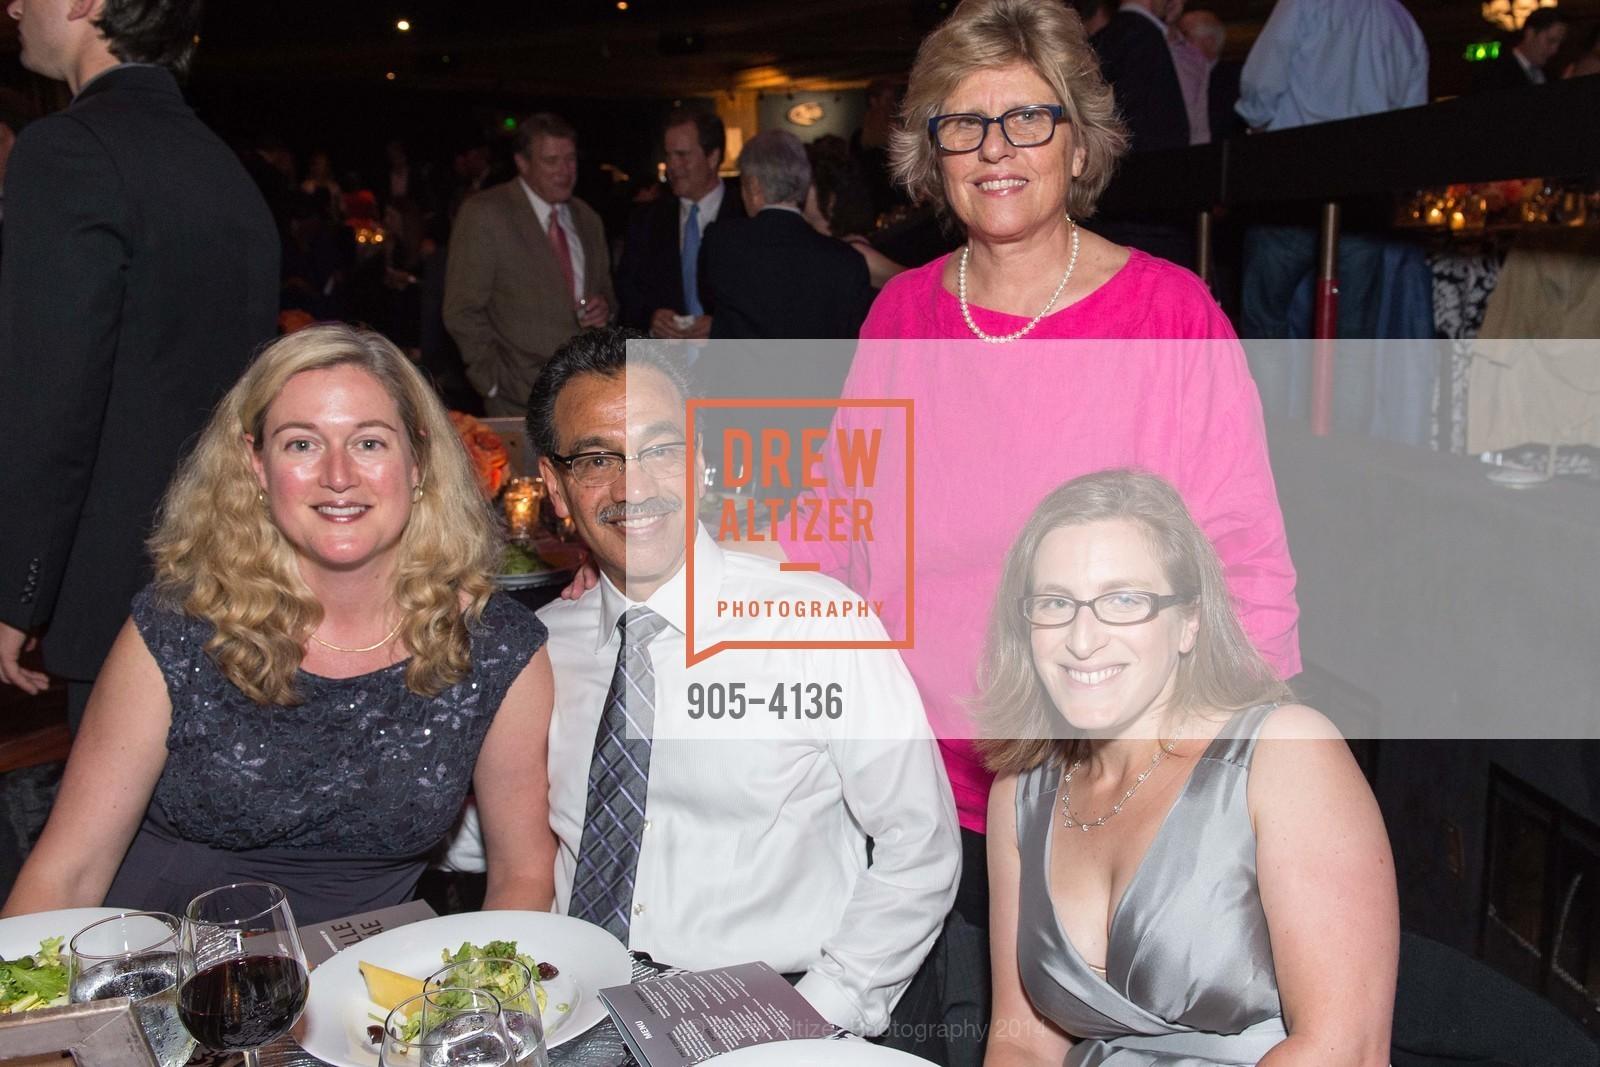 Sheila Arcelona, Steve Arcelona, Sara ?, Ann Cochrane, Photo #905-4136